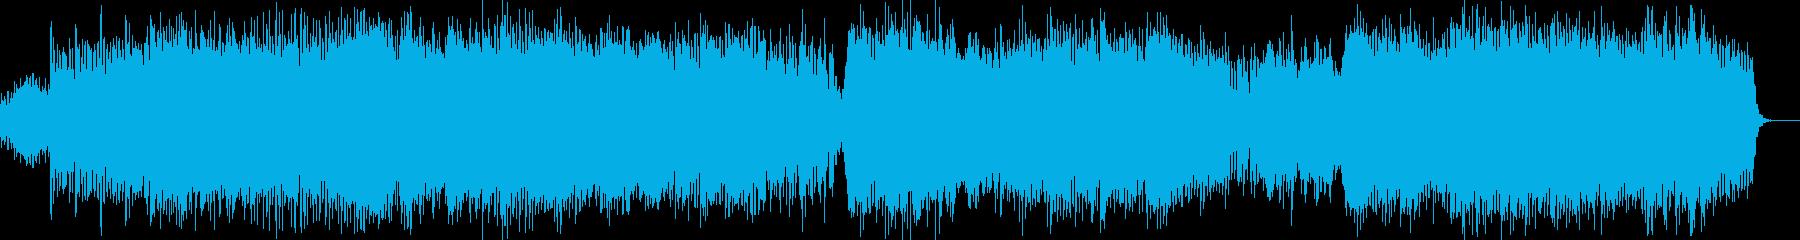 混乱の時代を描いたダークで激しいテクノの再生済みの波形